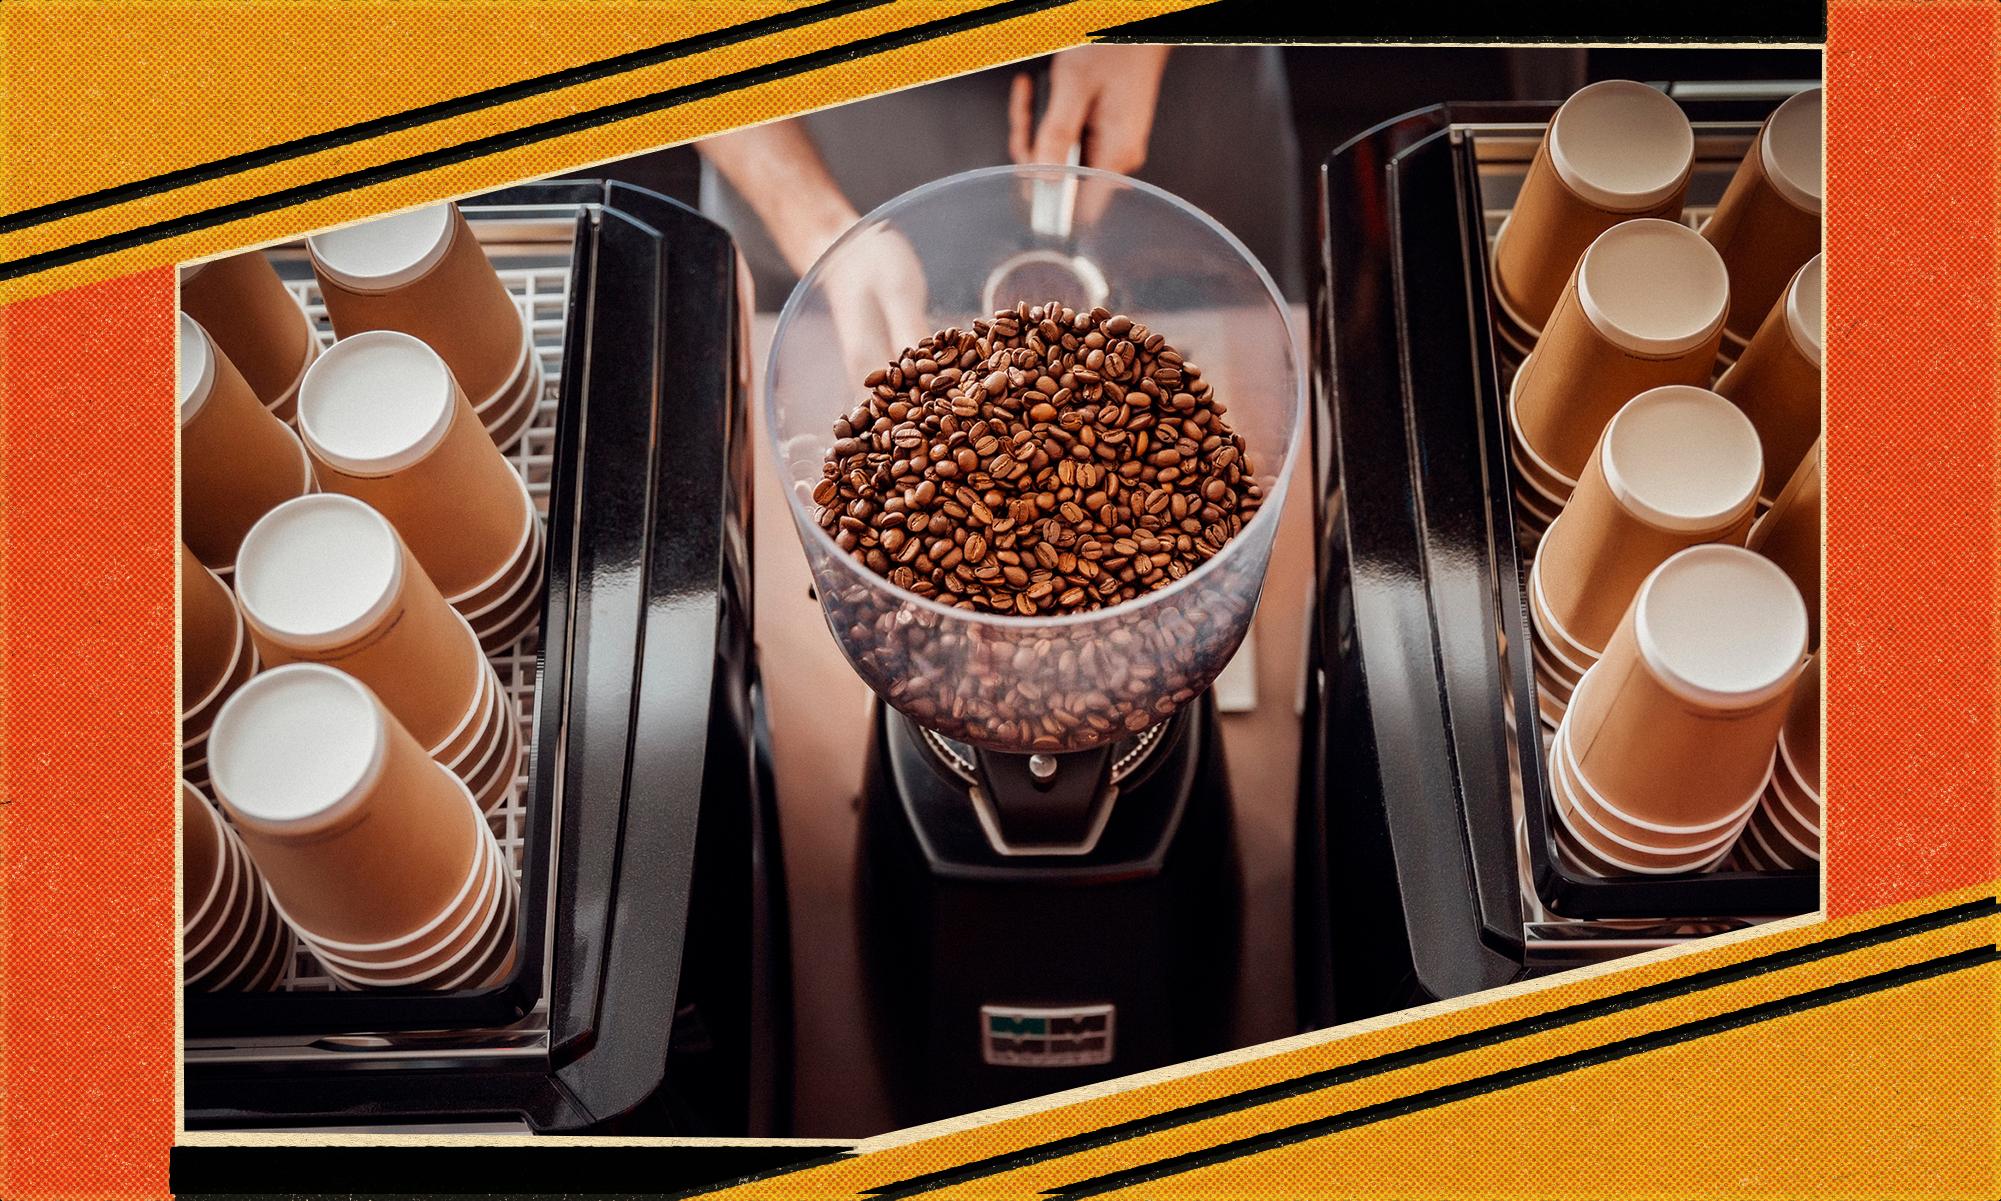 咖啡豆坐在纸杯旁边的咖啡研磨机。